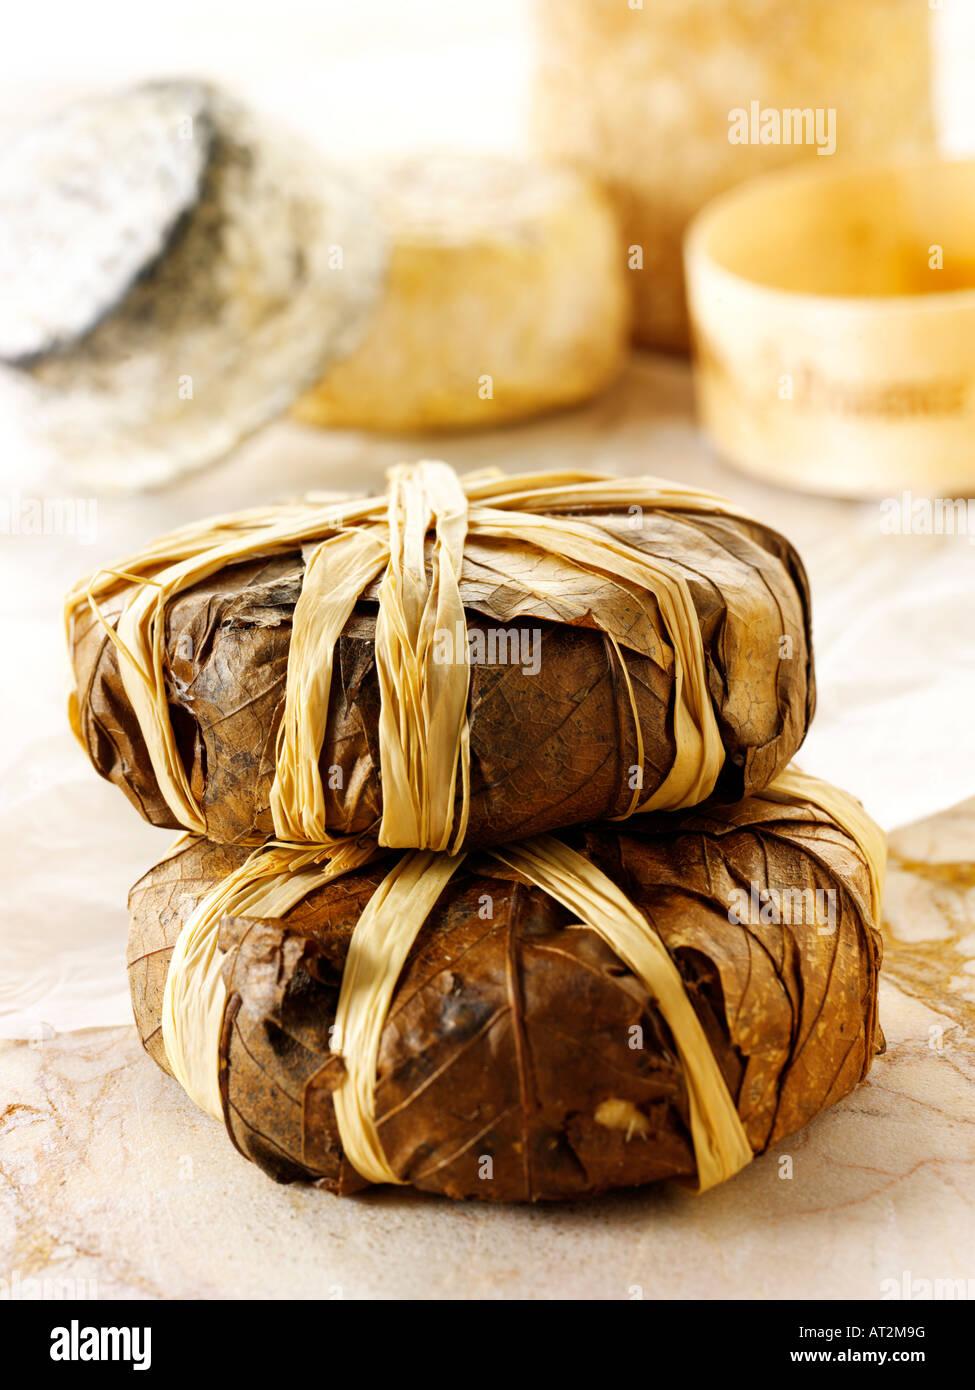 Bannon suave queso de cabra francés de Provenza en hojas en una tienda de queso. Imagen De Stock